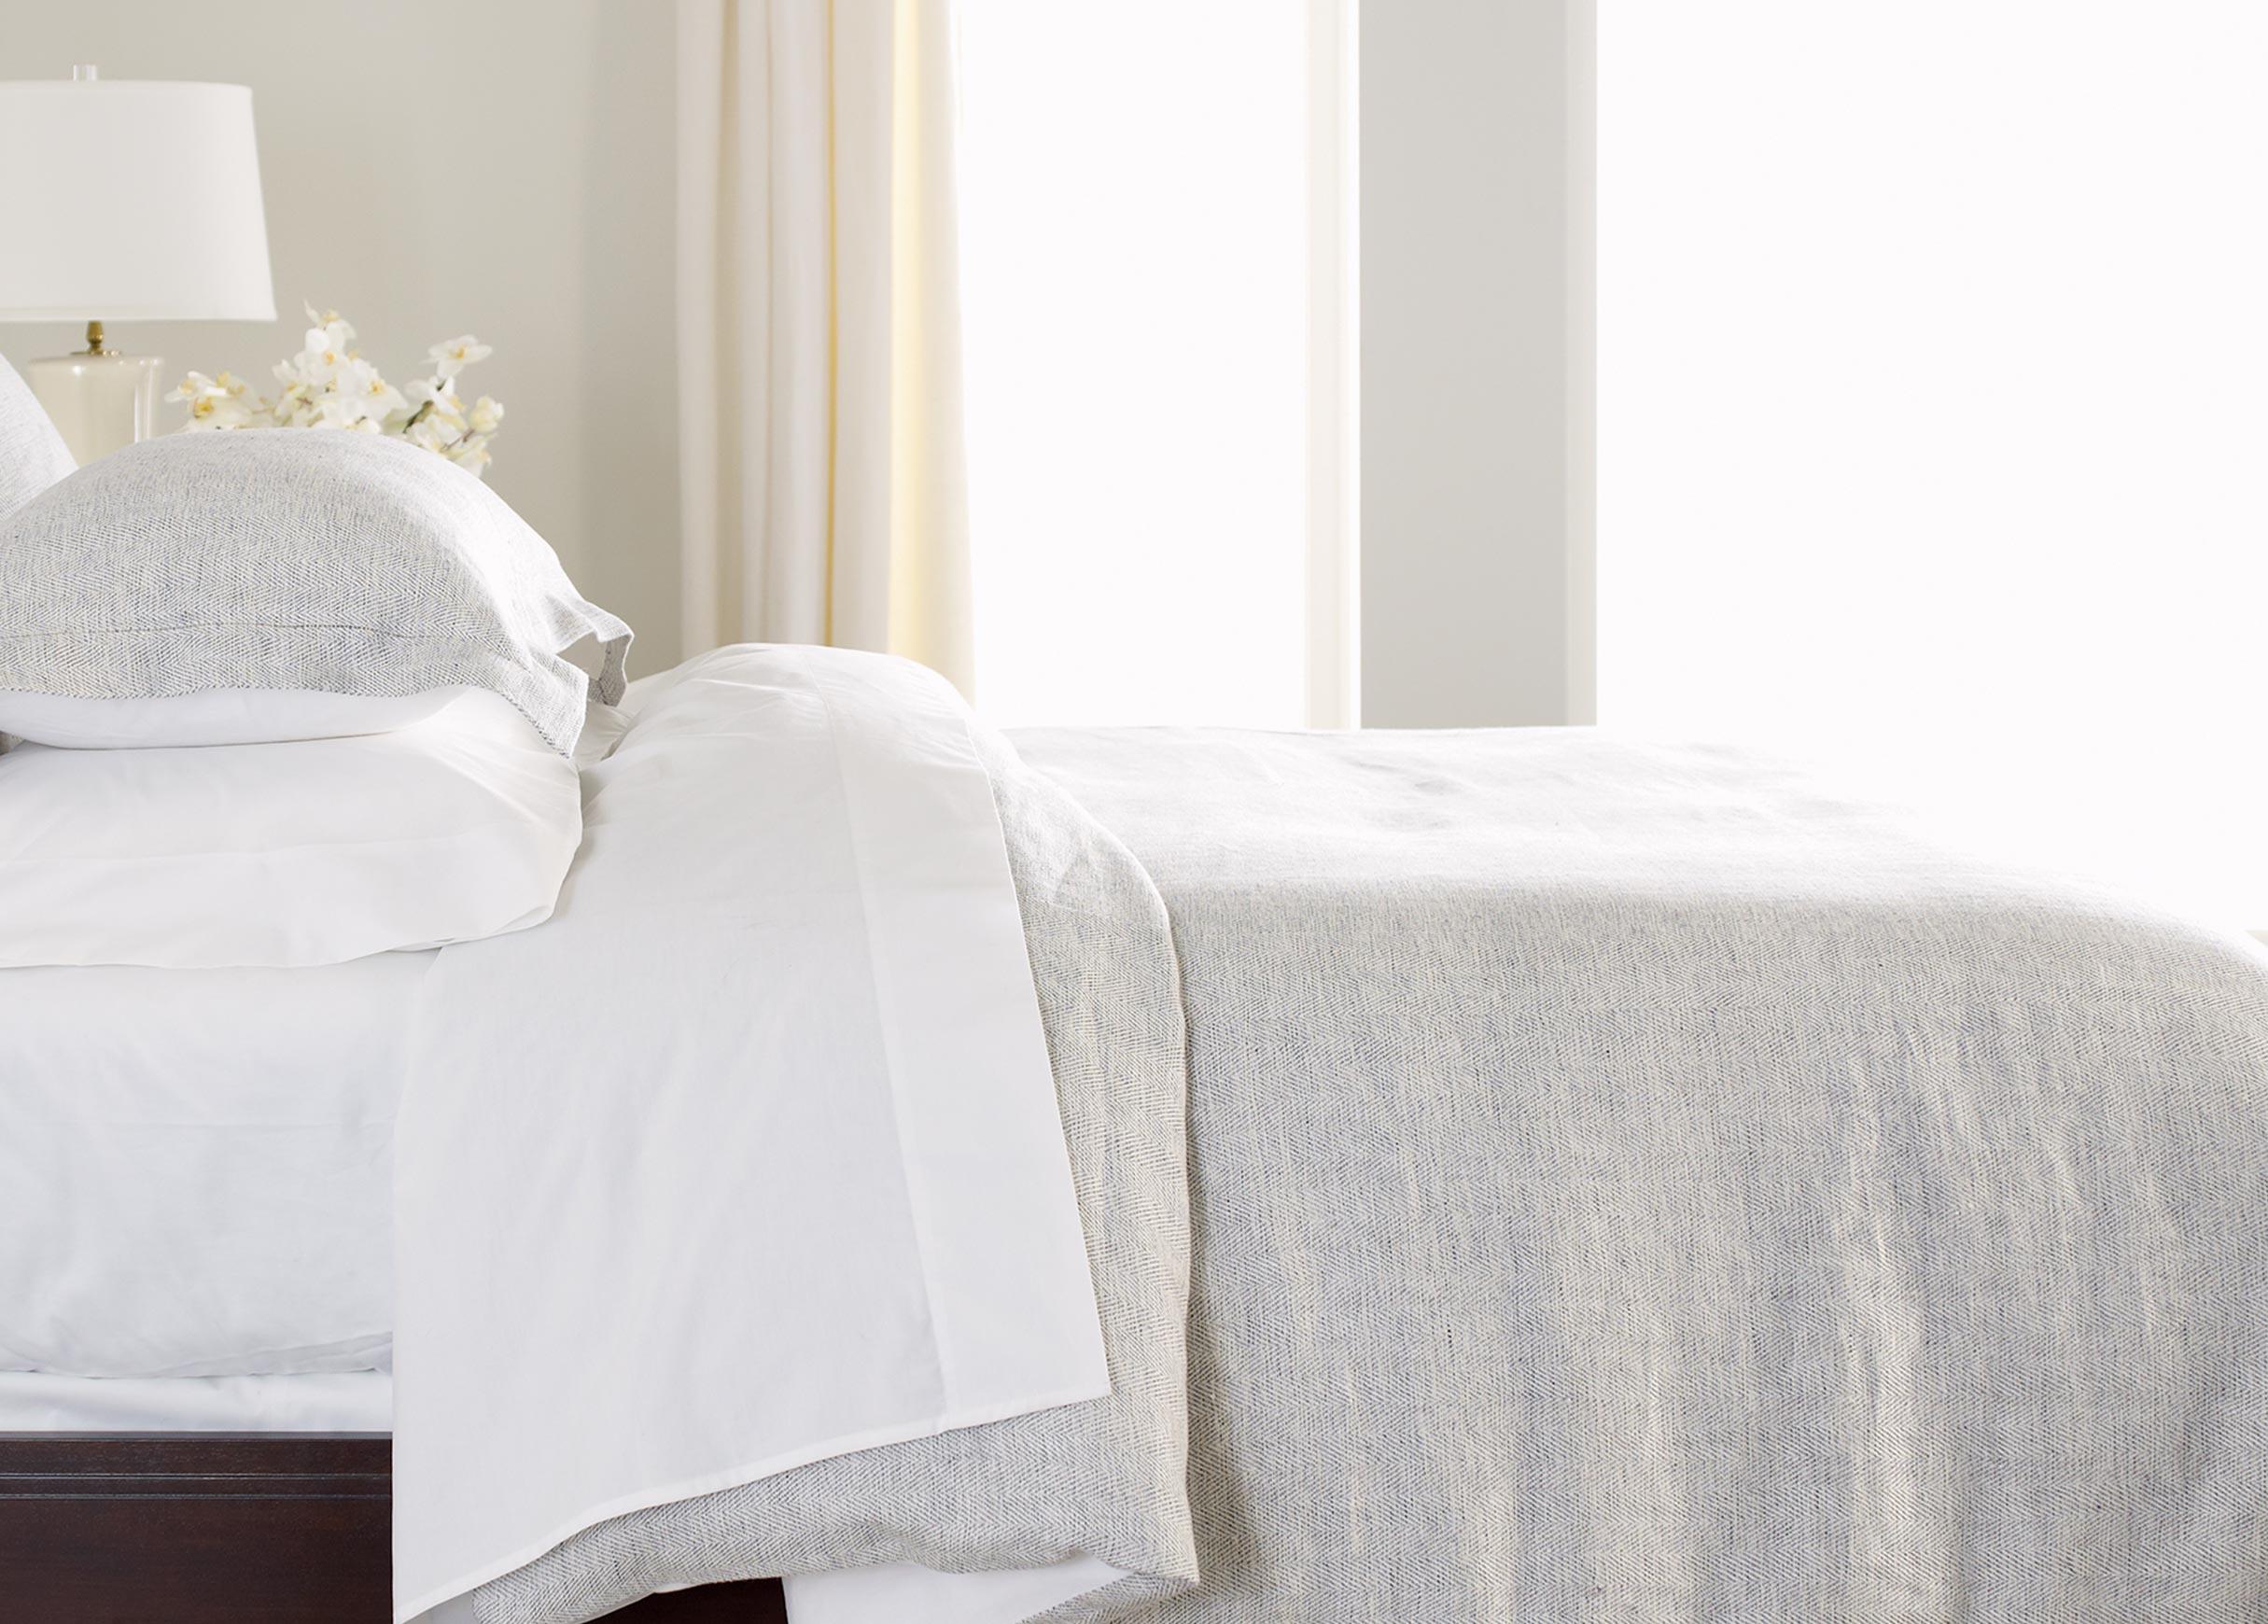 Gray Herringbone Coverlet : Stillwell herringbone duvet cover bedding ethan allen